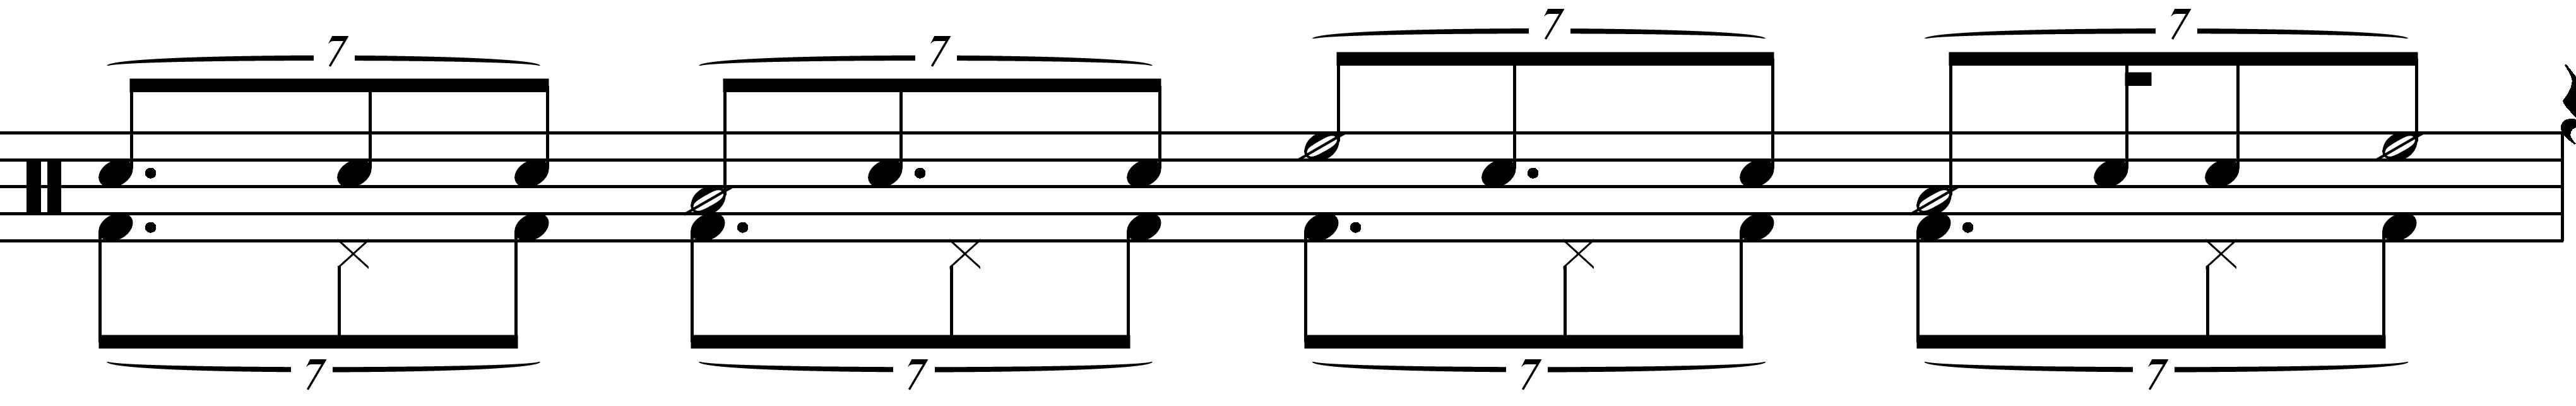 Shuffle-Samba7